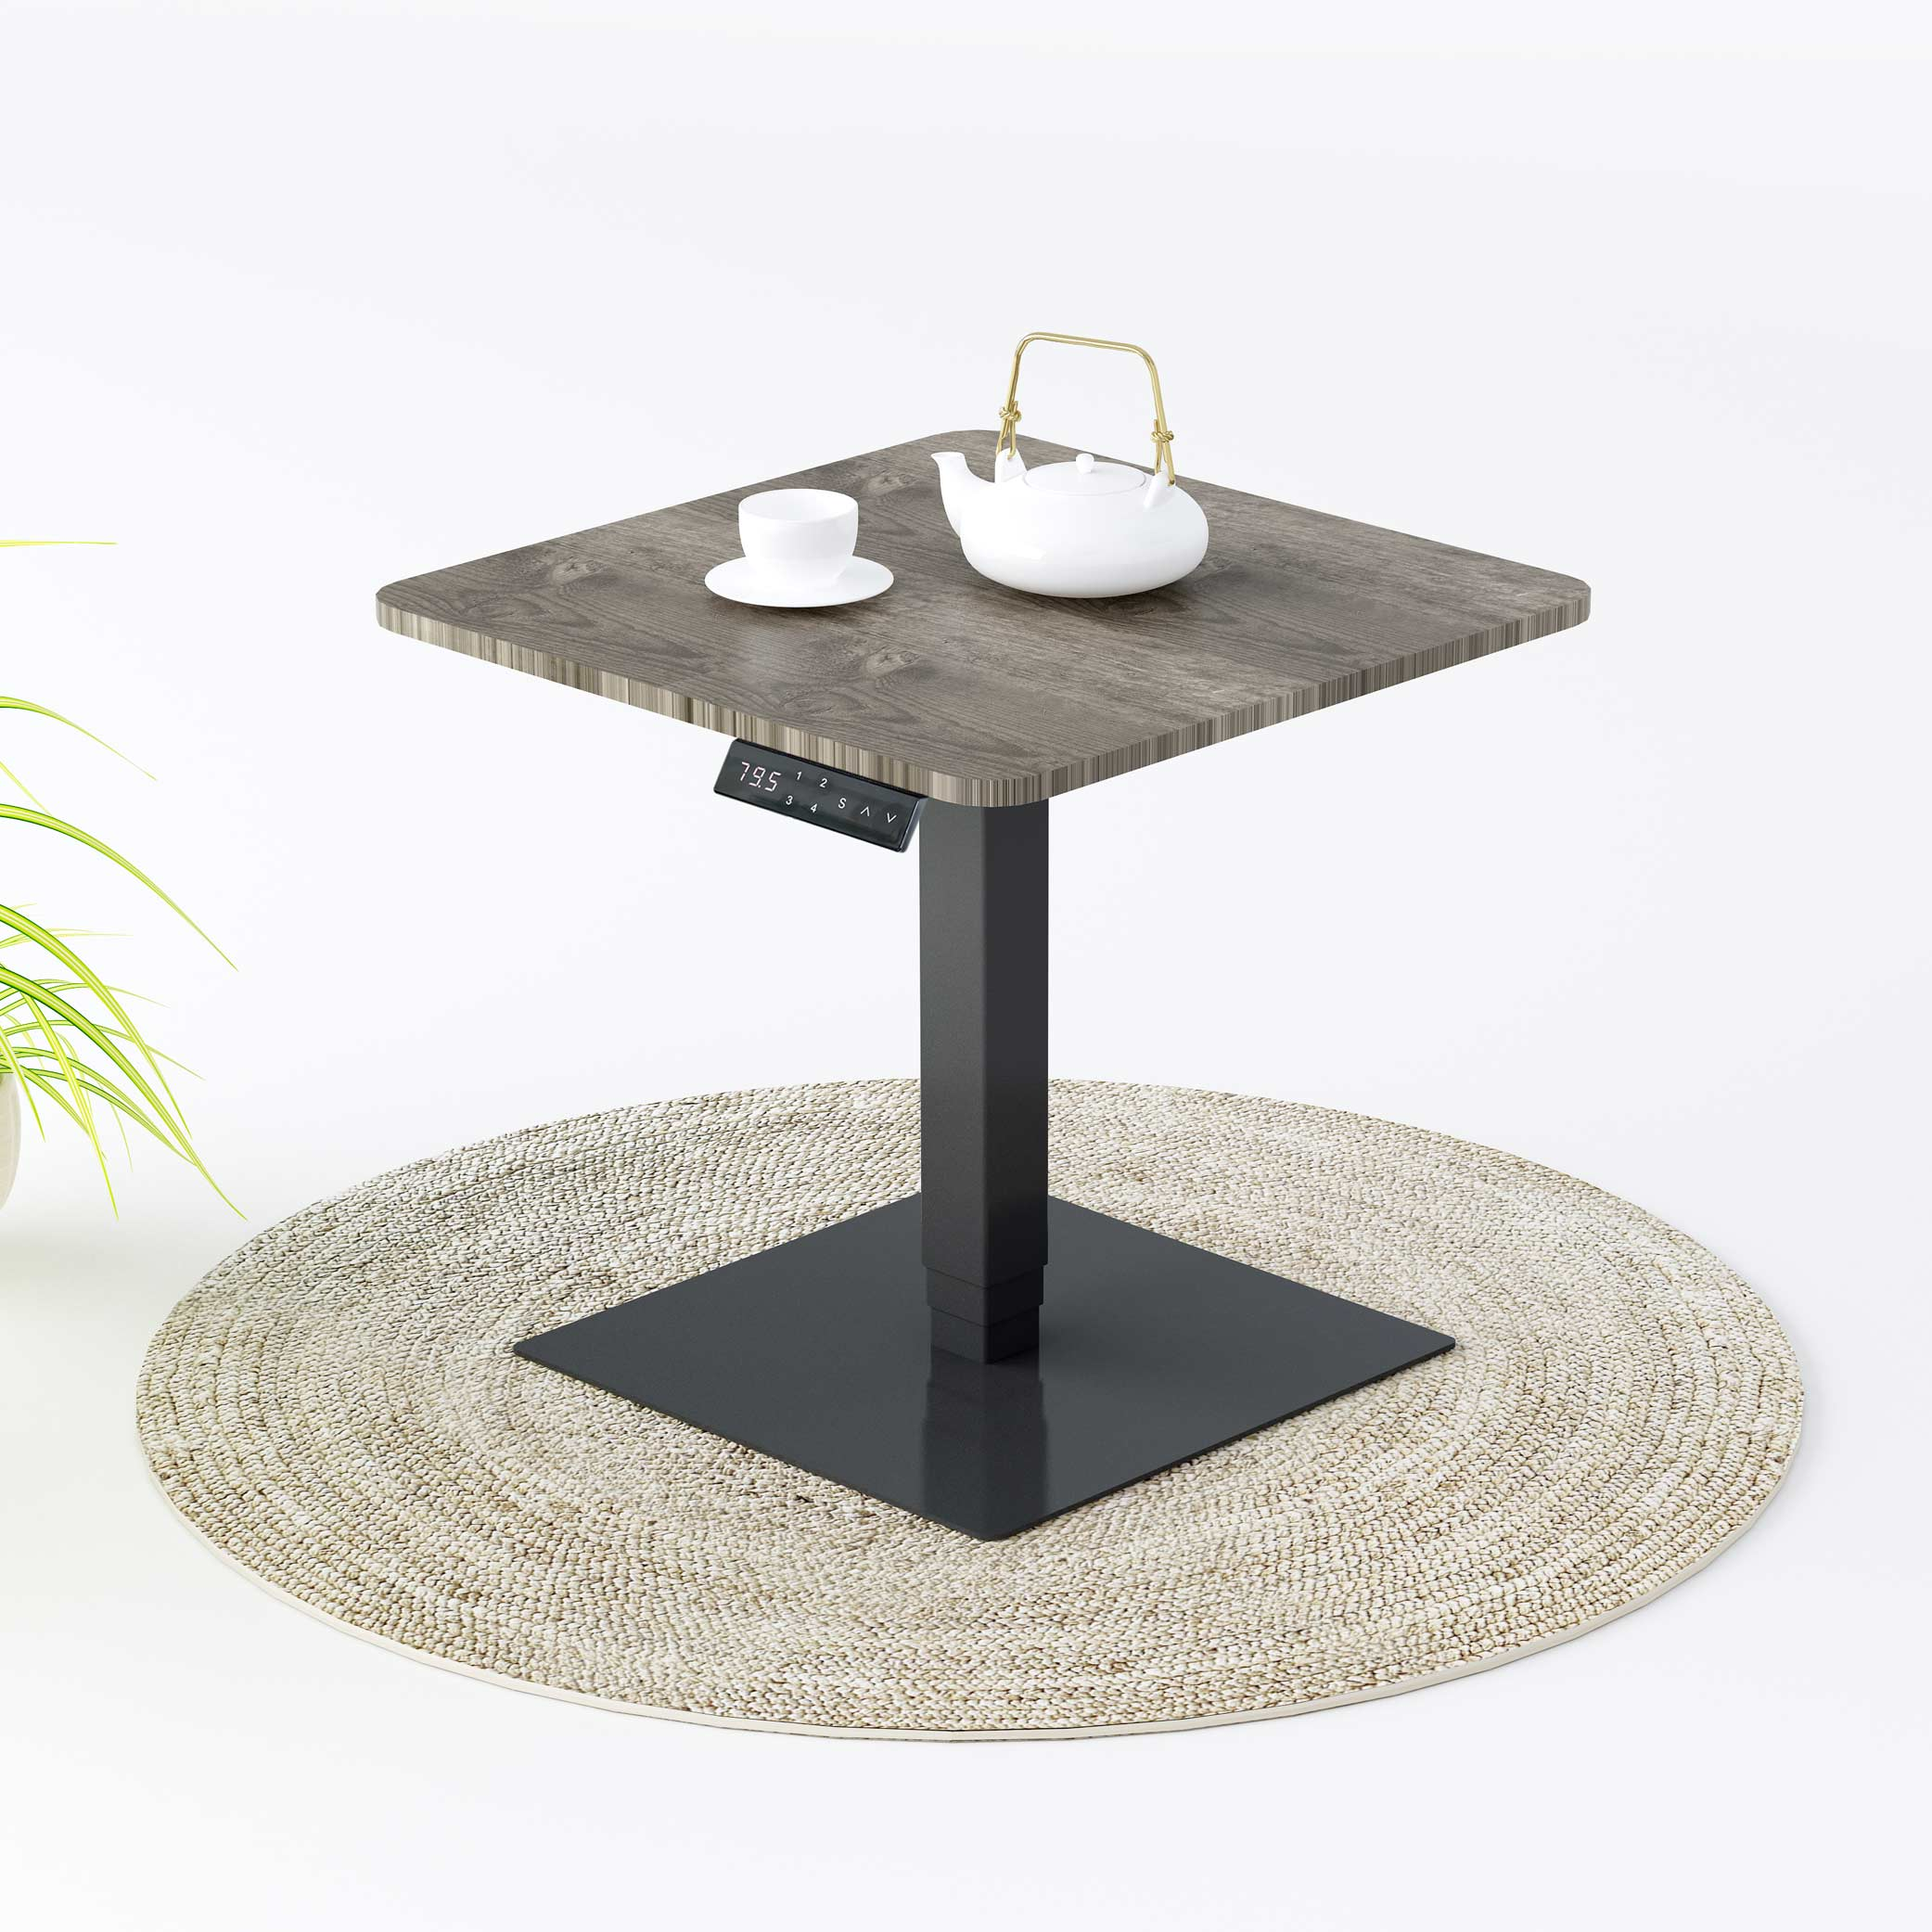 Современный дизайн, регулируемый по высоте Деревянный Электрический обеденный журнальный столик